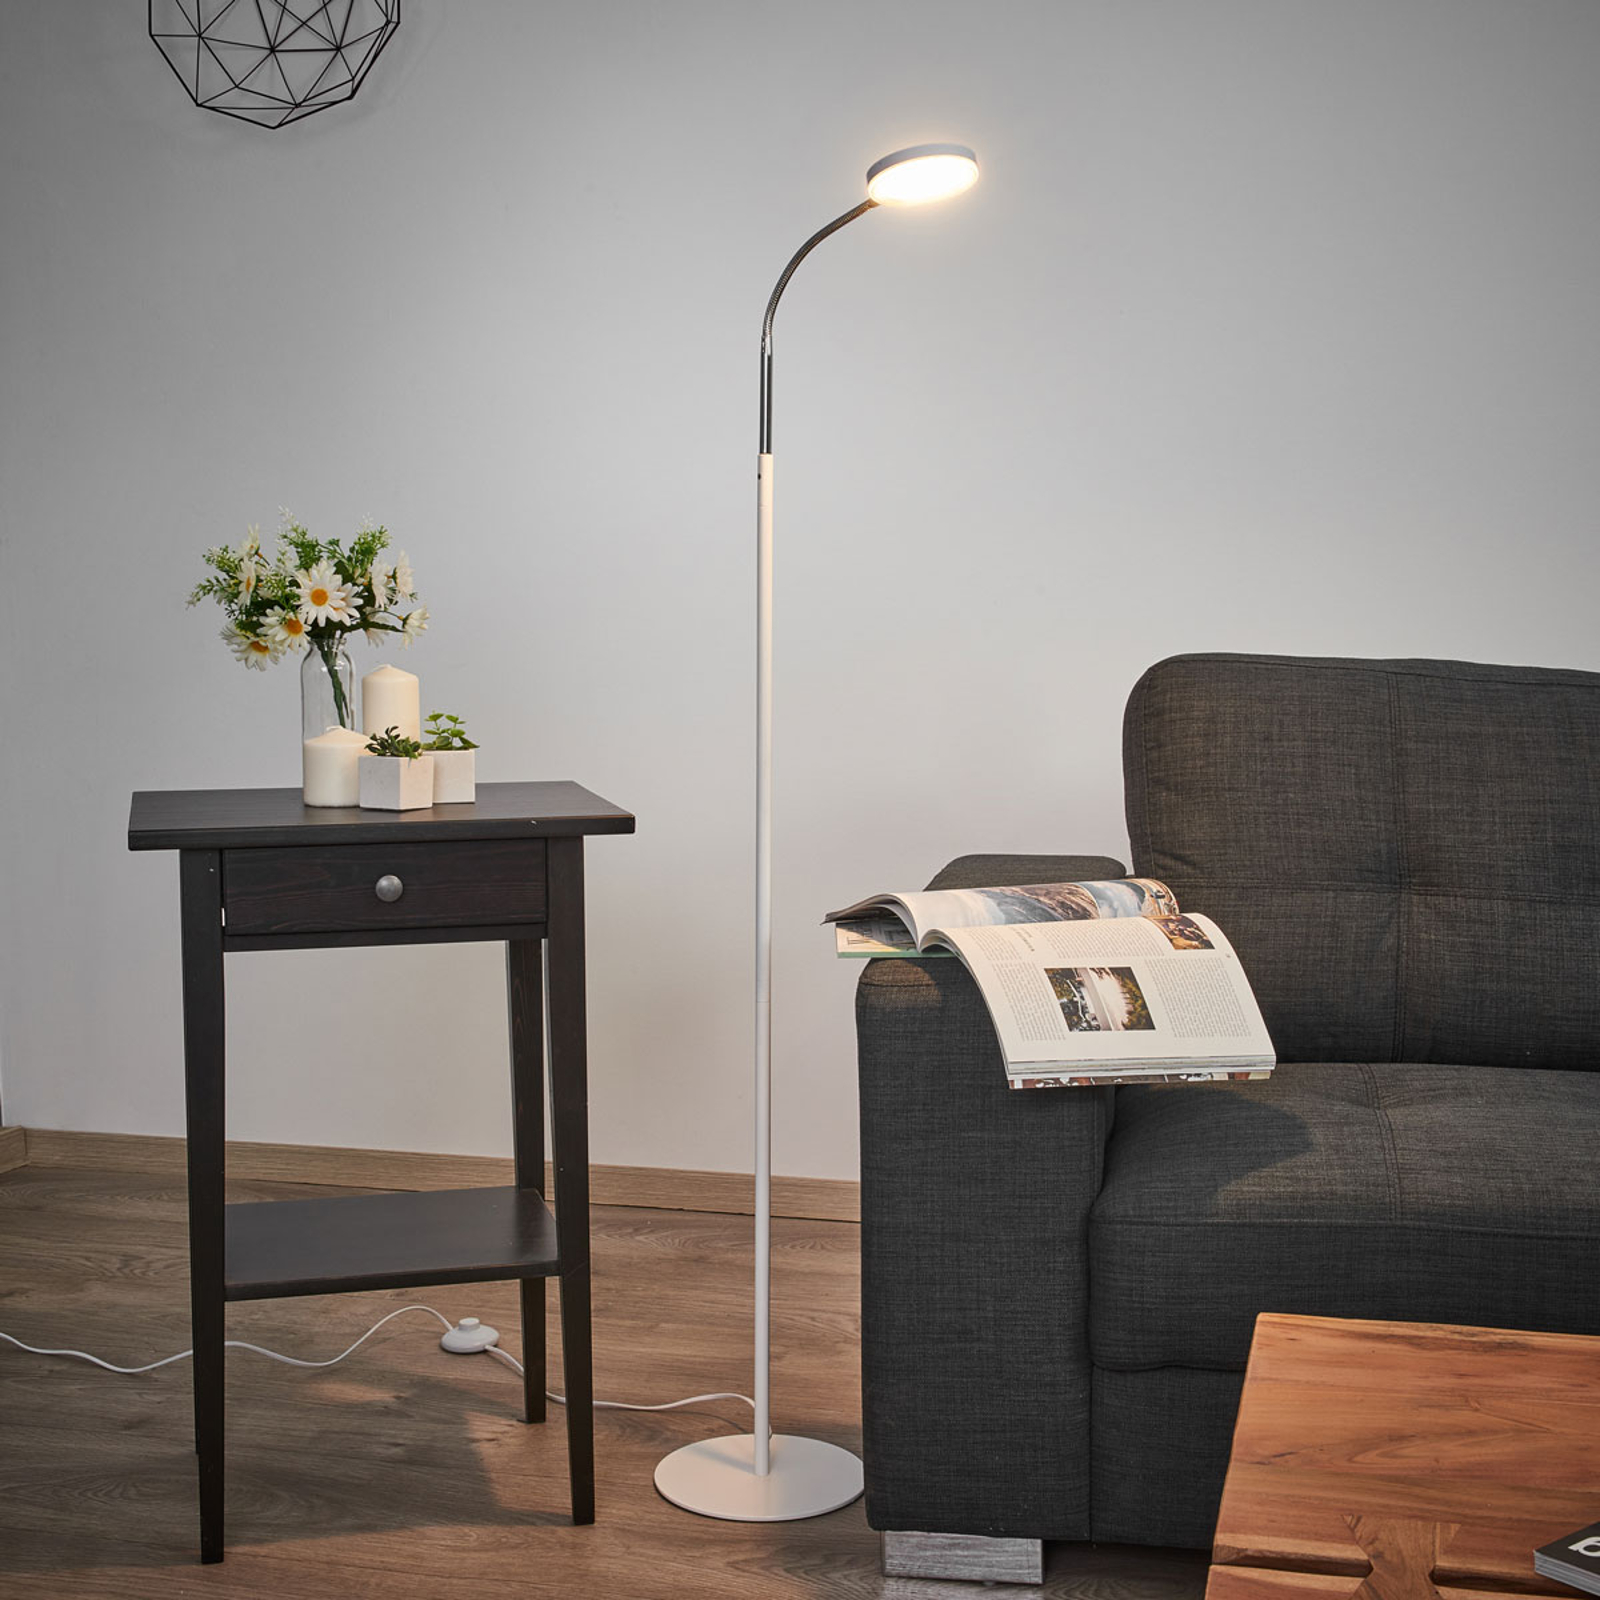 Milow - lampa stojąca LED, elastyczna szyjka